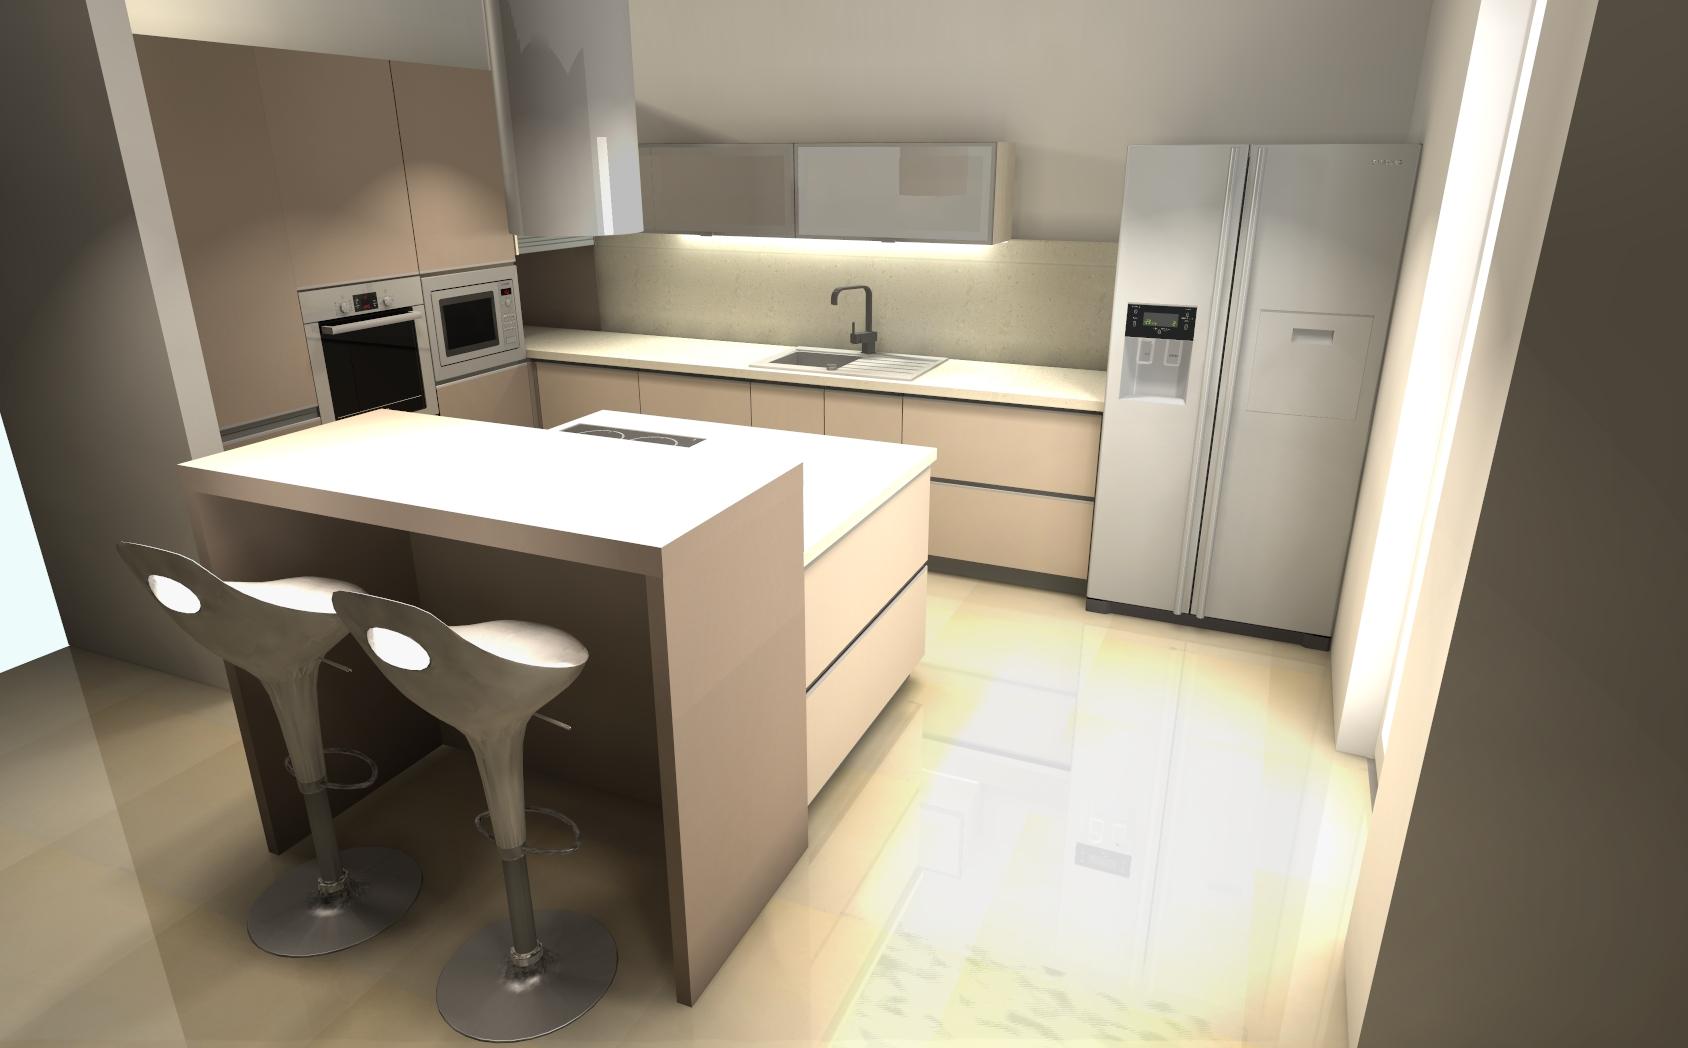 projektowanie kuchni mebli kuchennych wybrane projekty